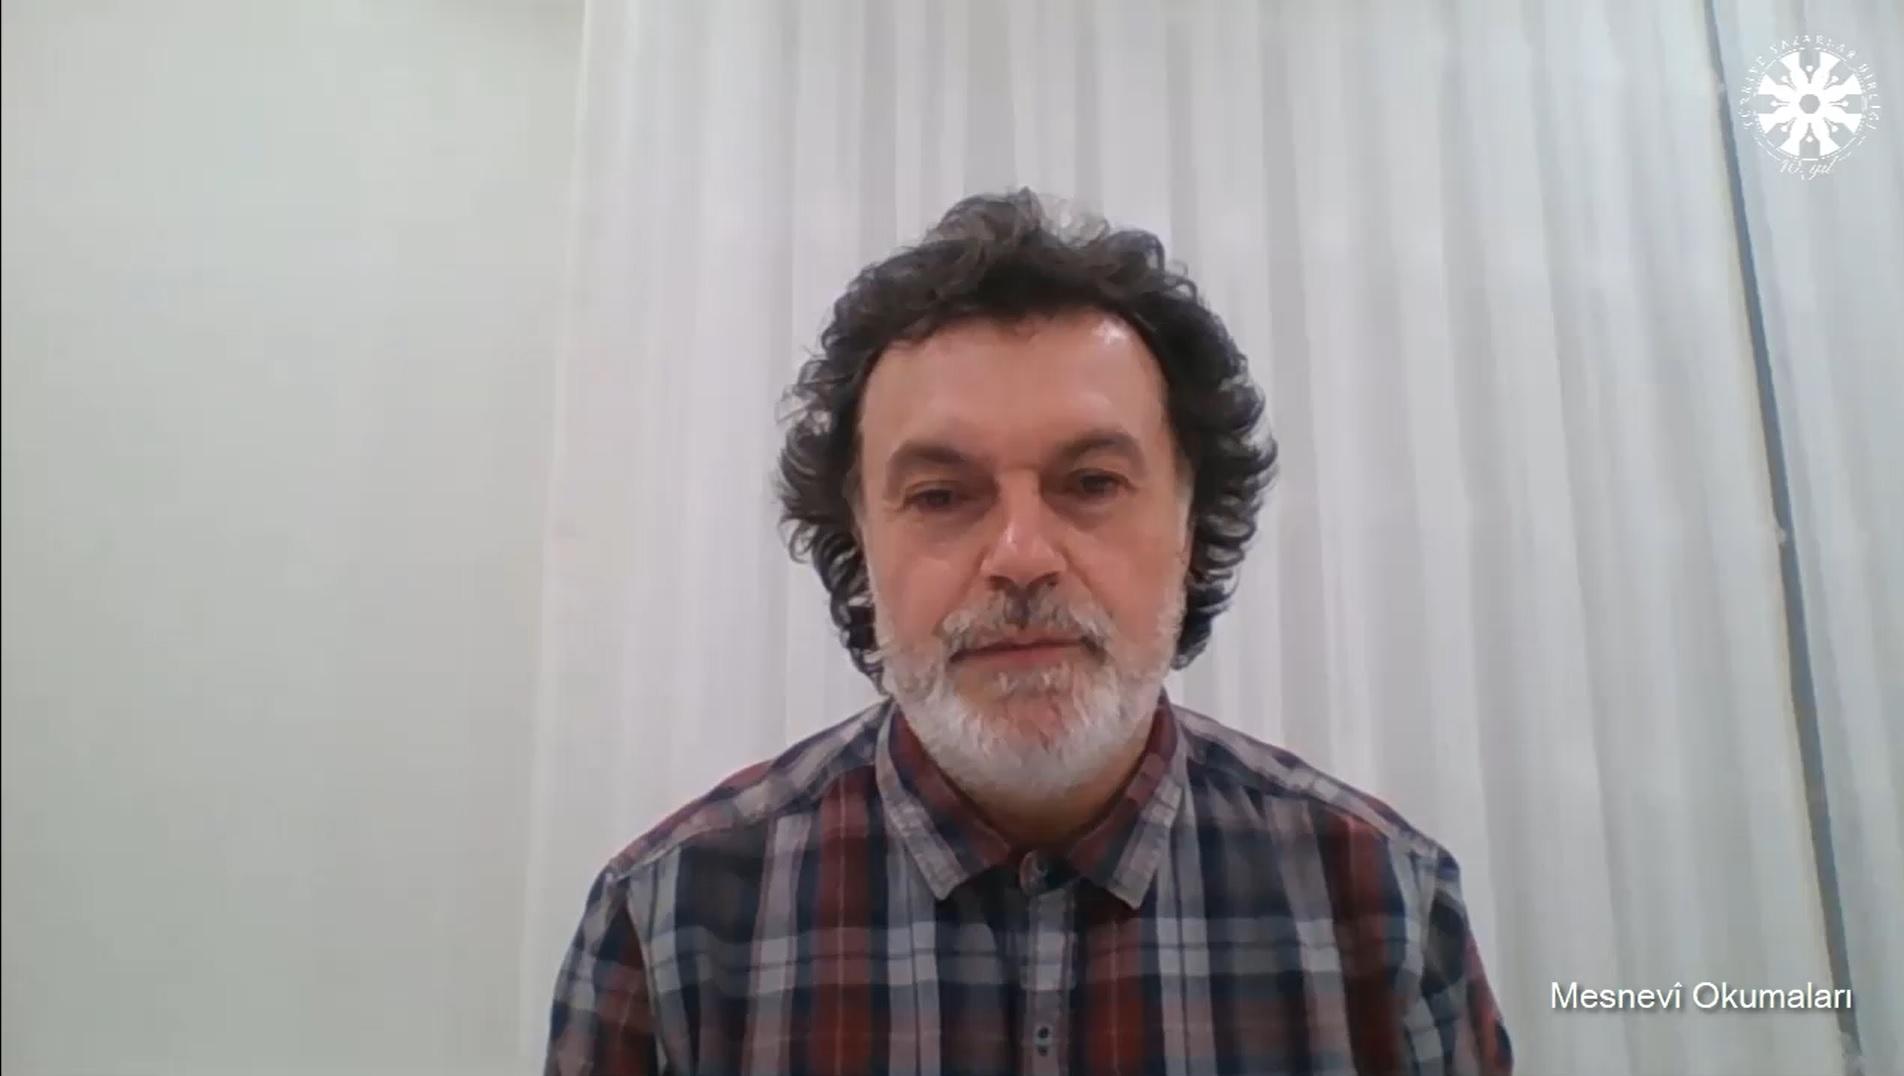 Mesnevî Okumaları -75- Prof. Dr. Hicabi Kırlangıç